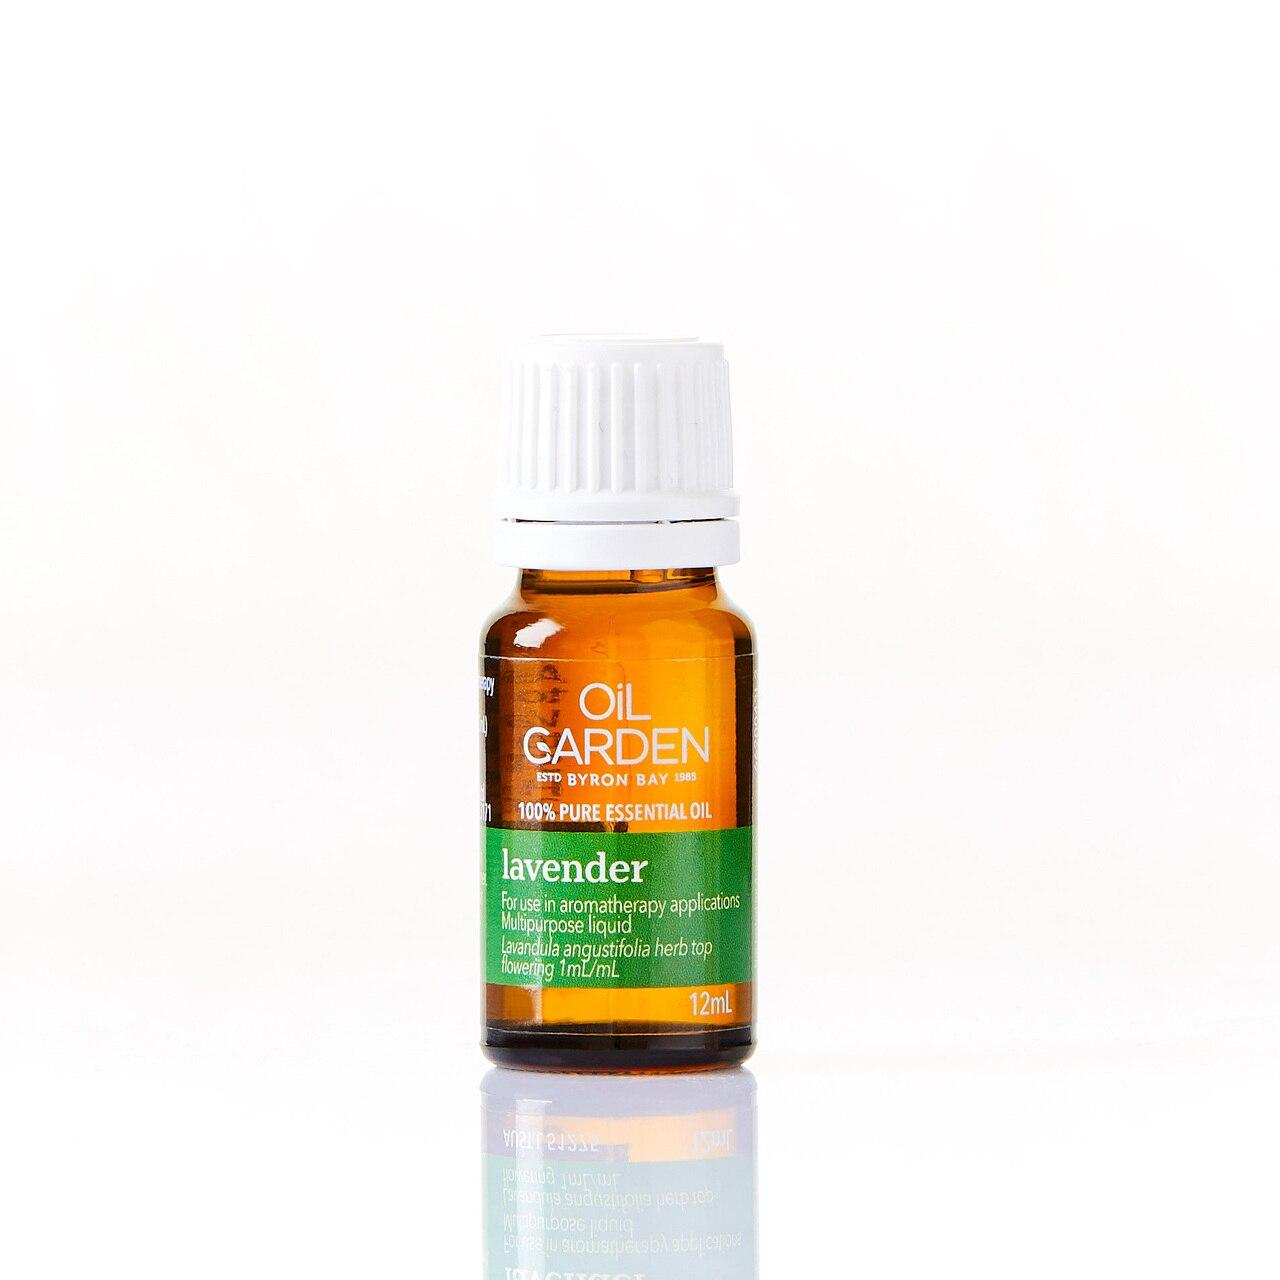 Oil Garden Lavender Pure Essential Oil 12mL 6620043